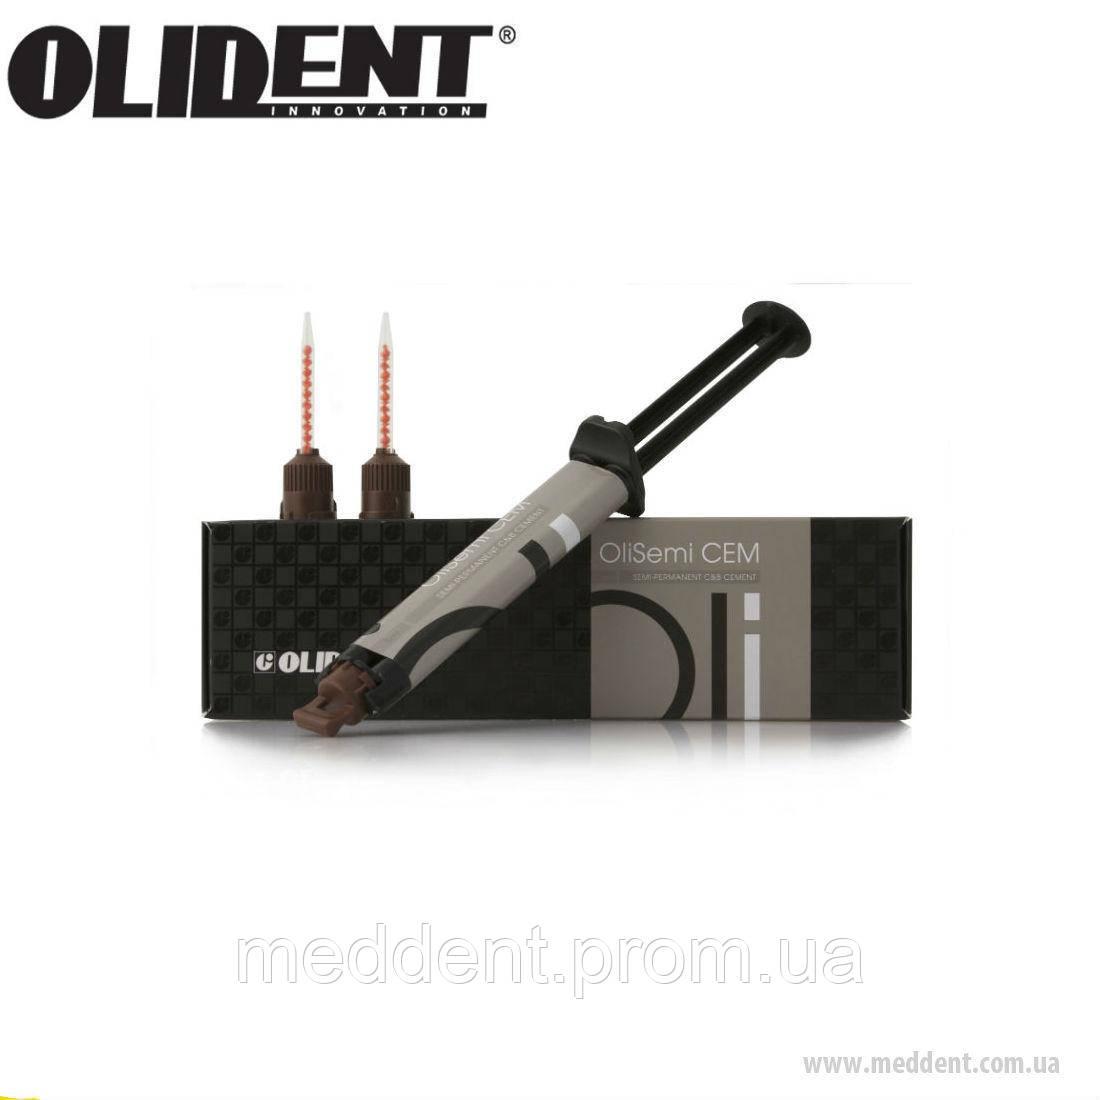 OliSemi CEM  - Стоматологическое оборудование и материалы в Херсоне